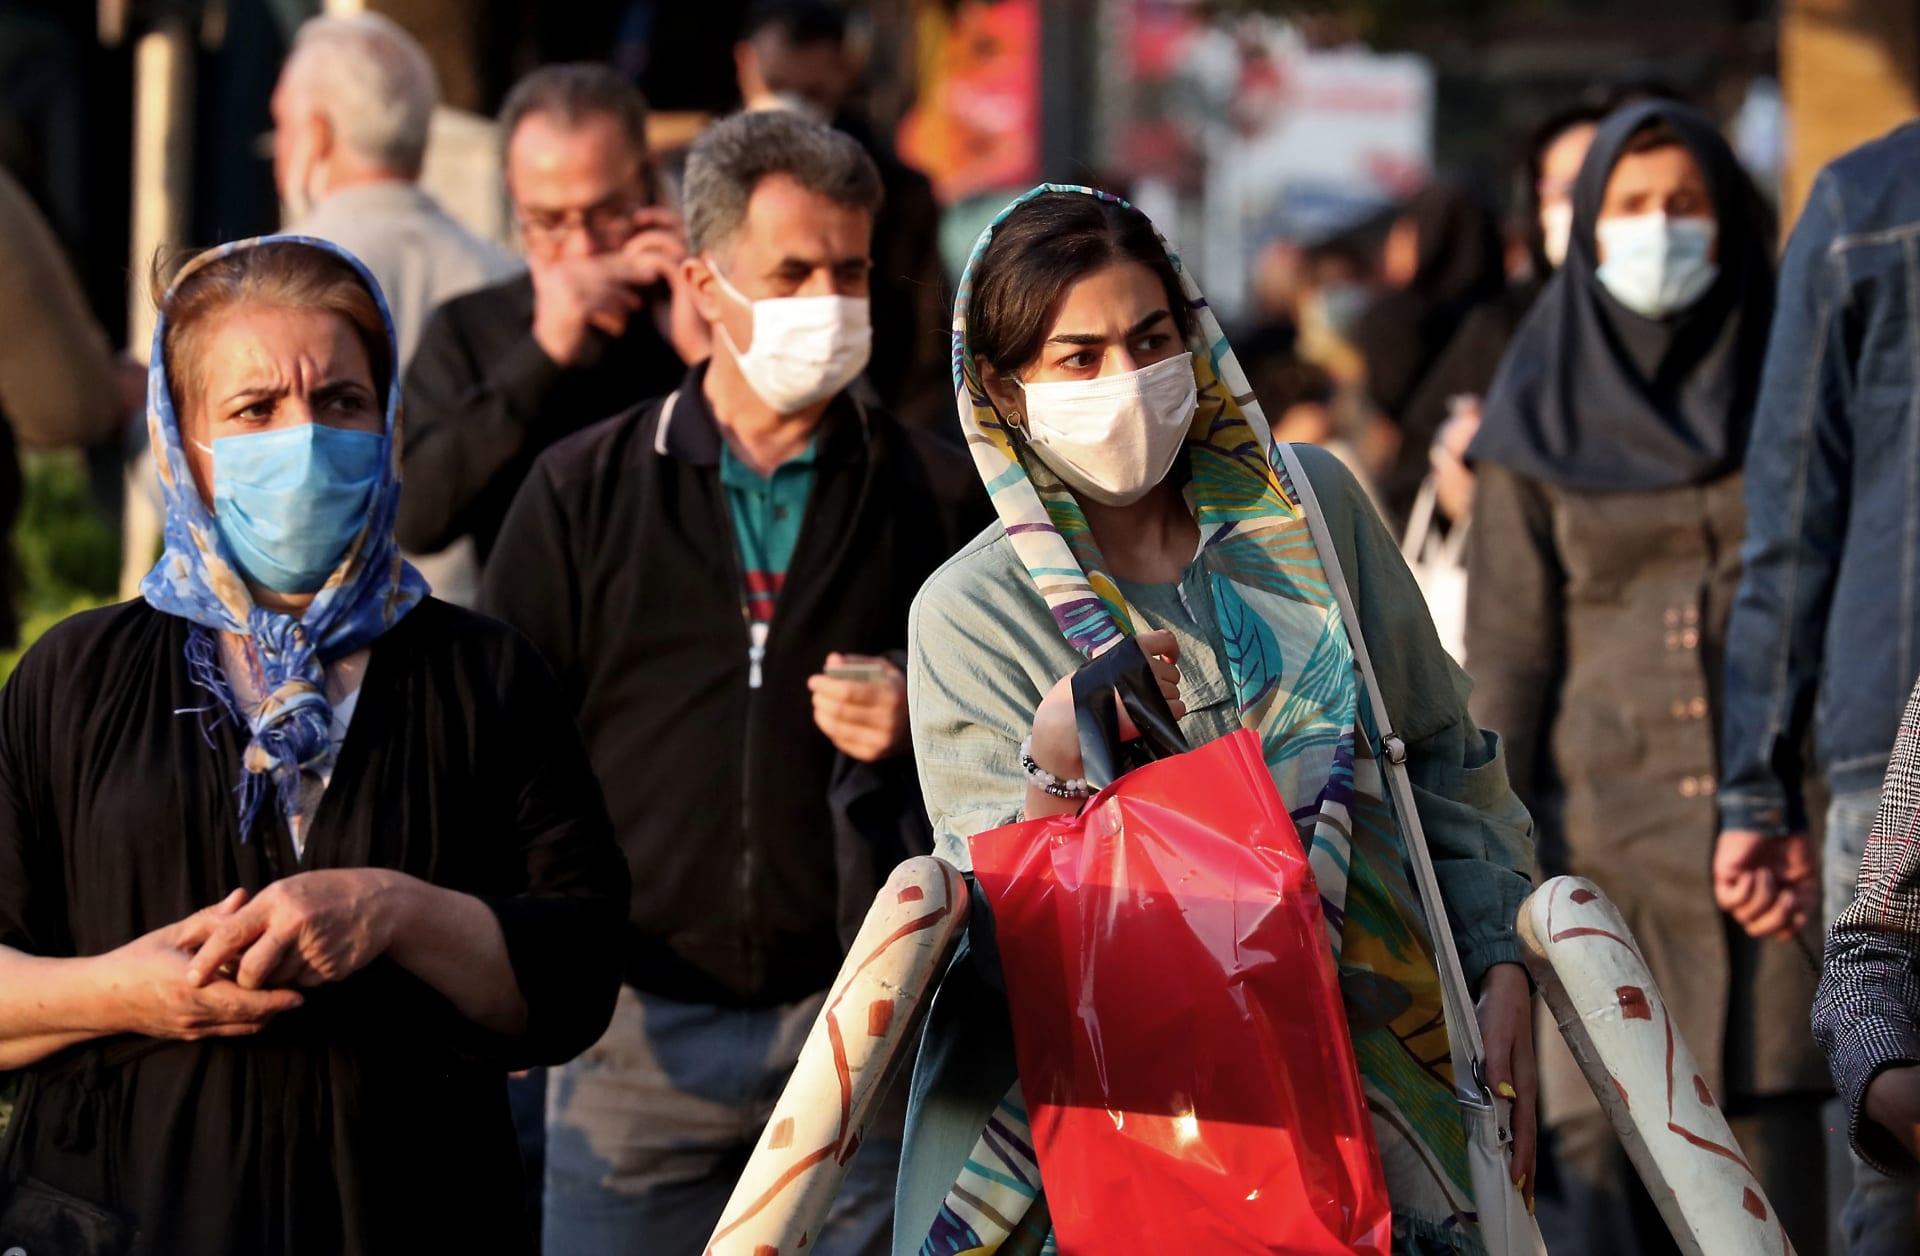 إيران توسَع نطاق حظر التجول ليشمل 330 مدينة وبلدة لمنع تفشي كورونا